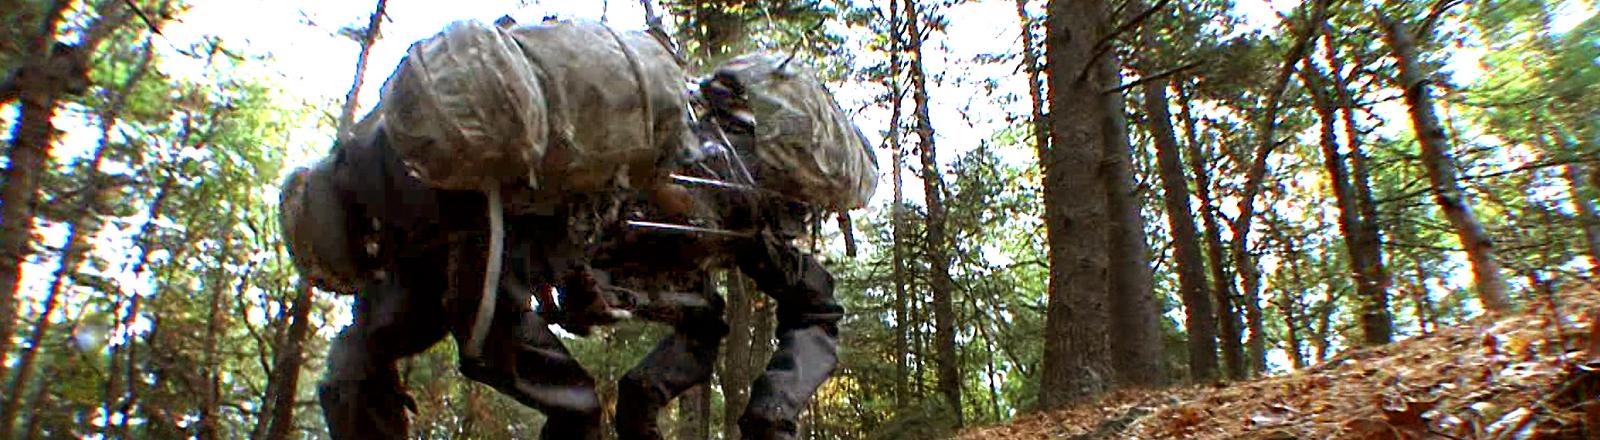 Der Roboterhund Alphadog im Wald